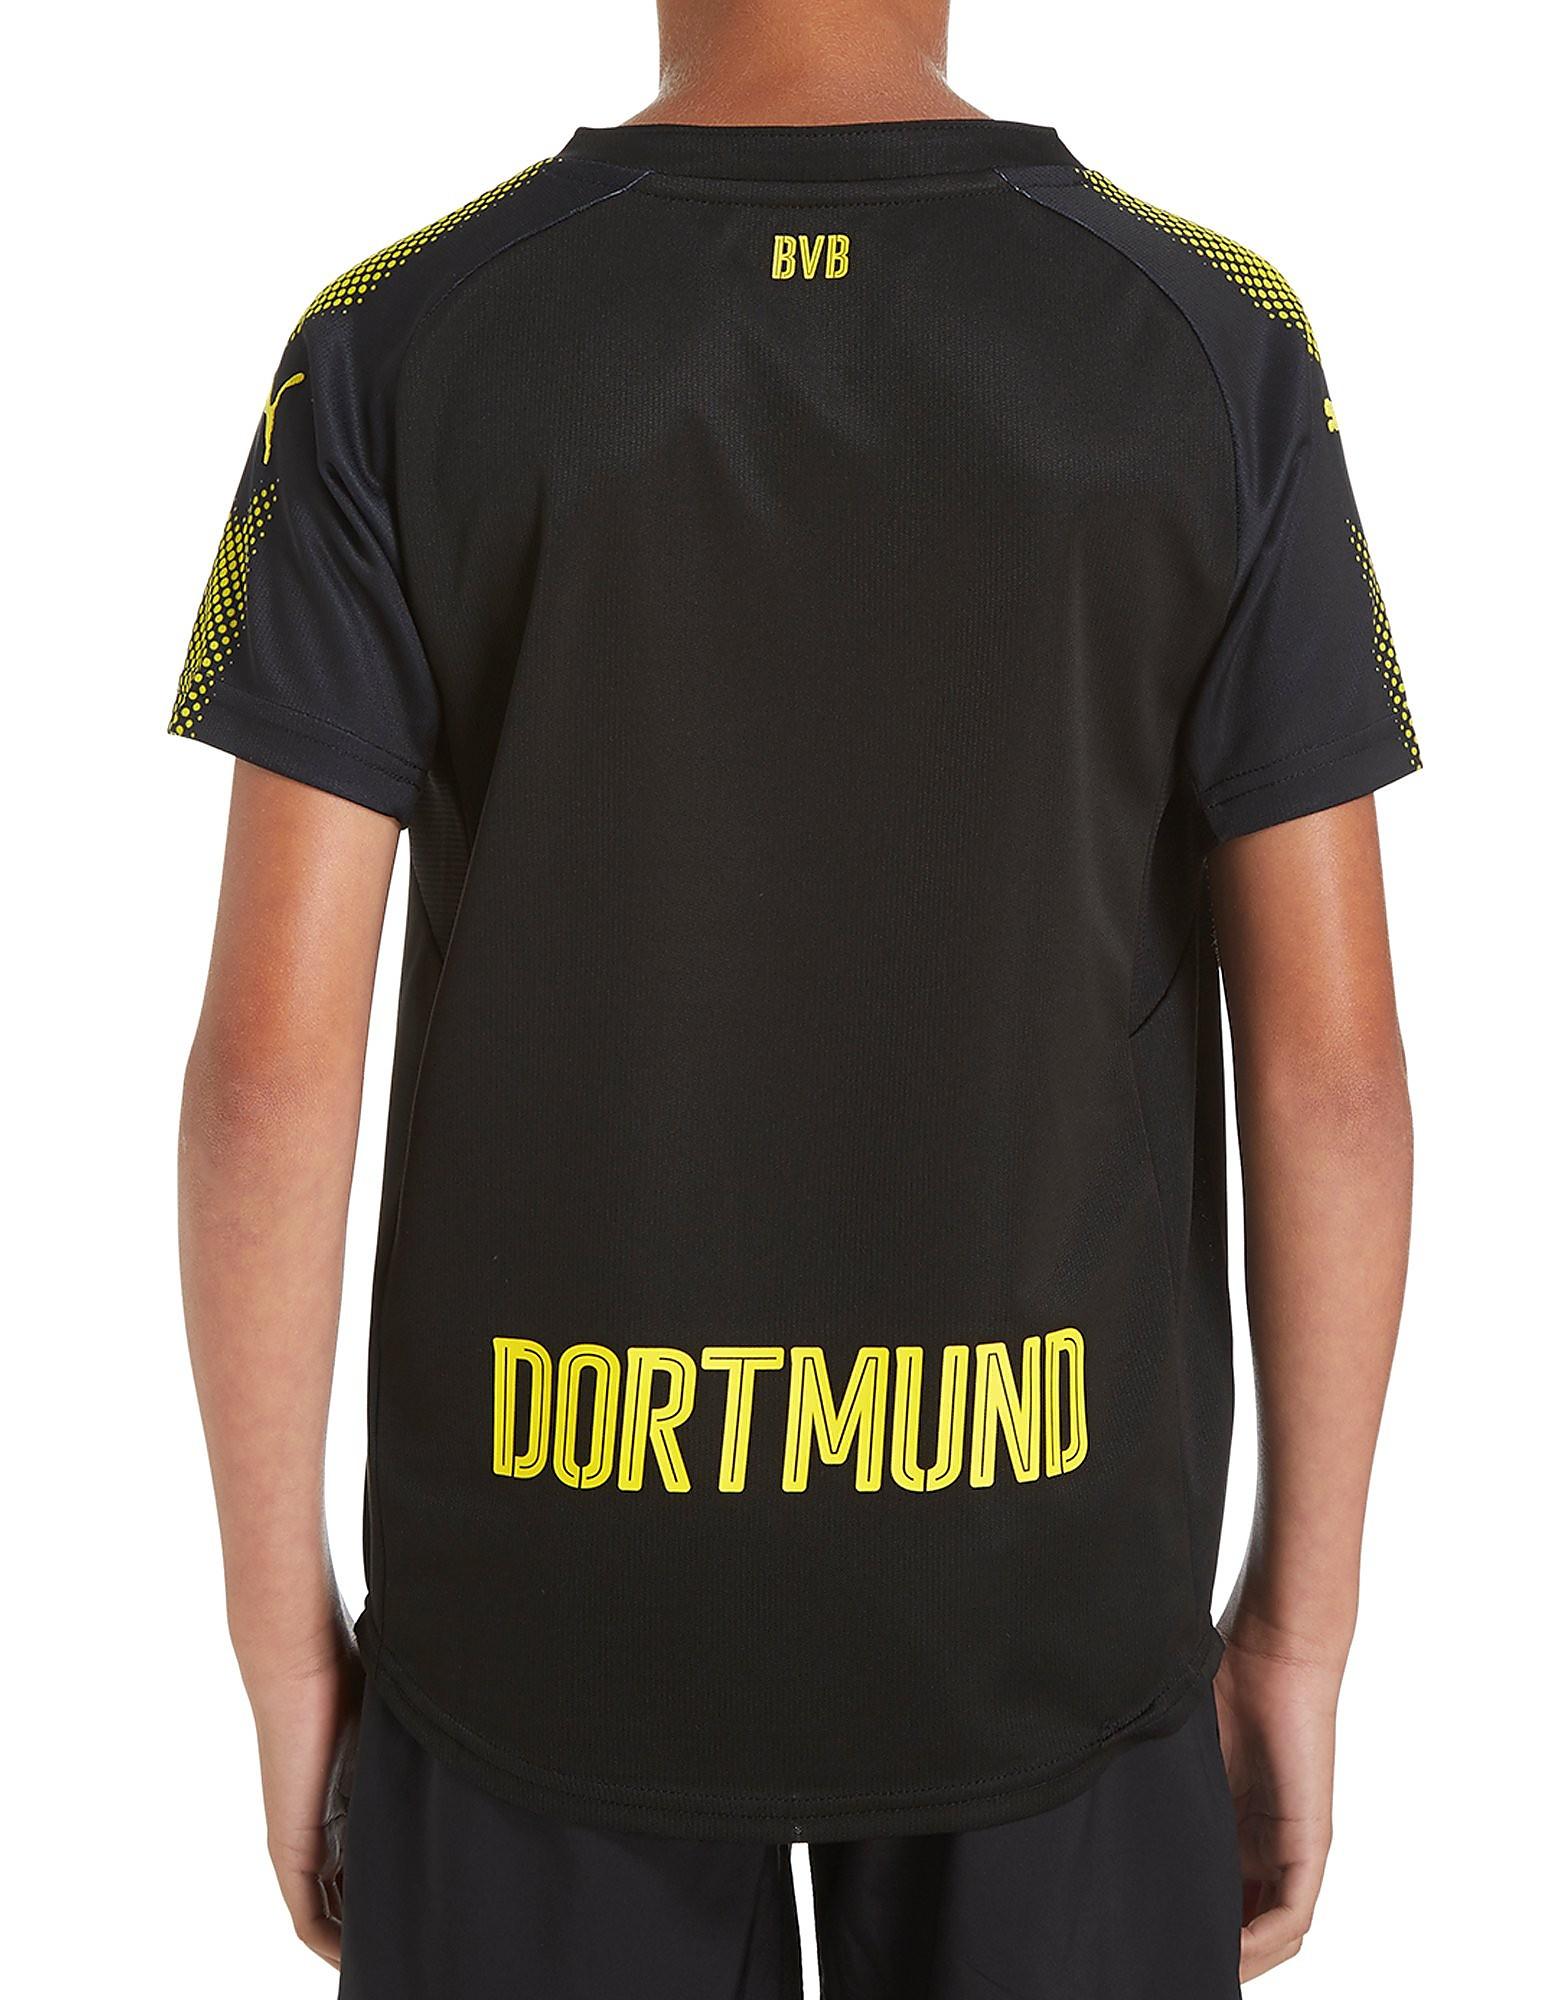 PUMA Borussia Dortmund 2017/18 Away Shirt Junior